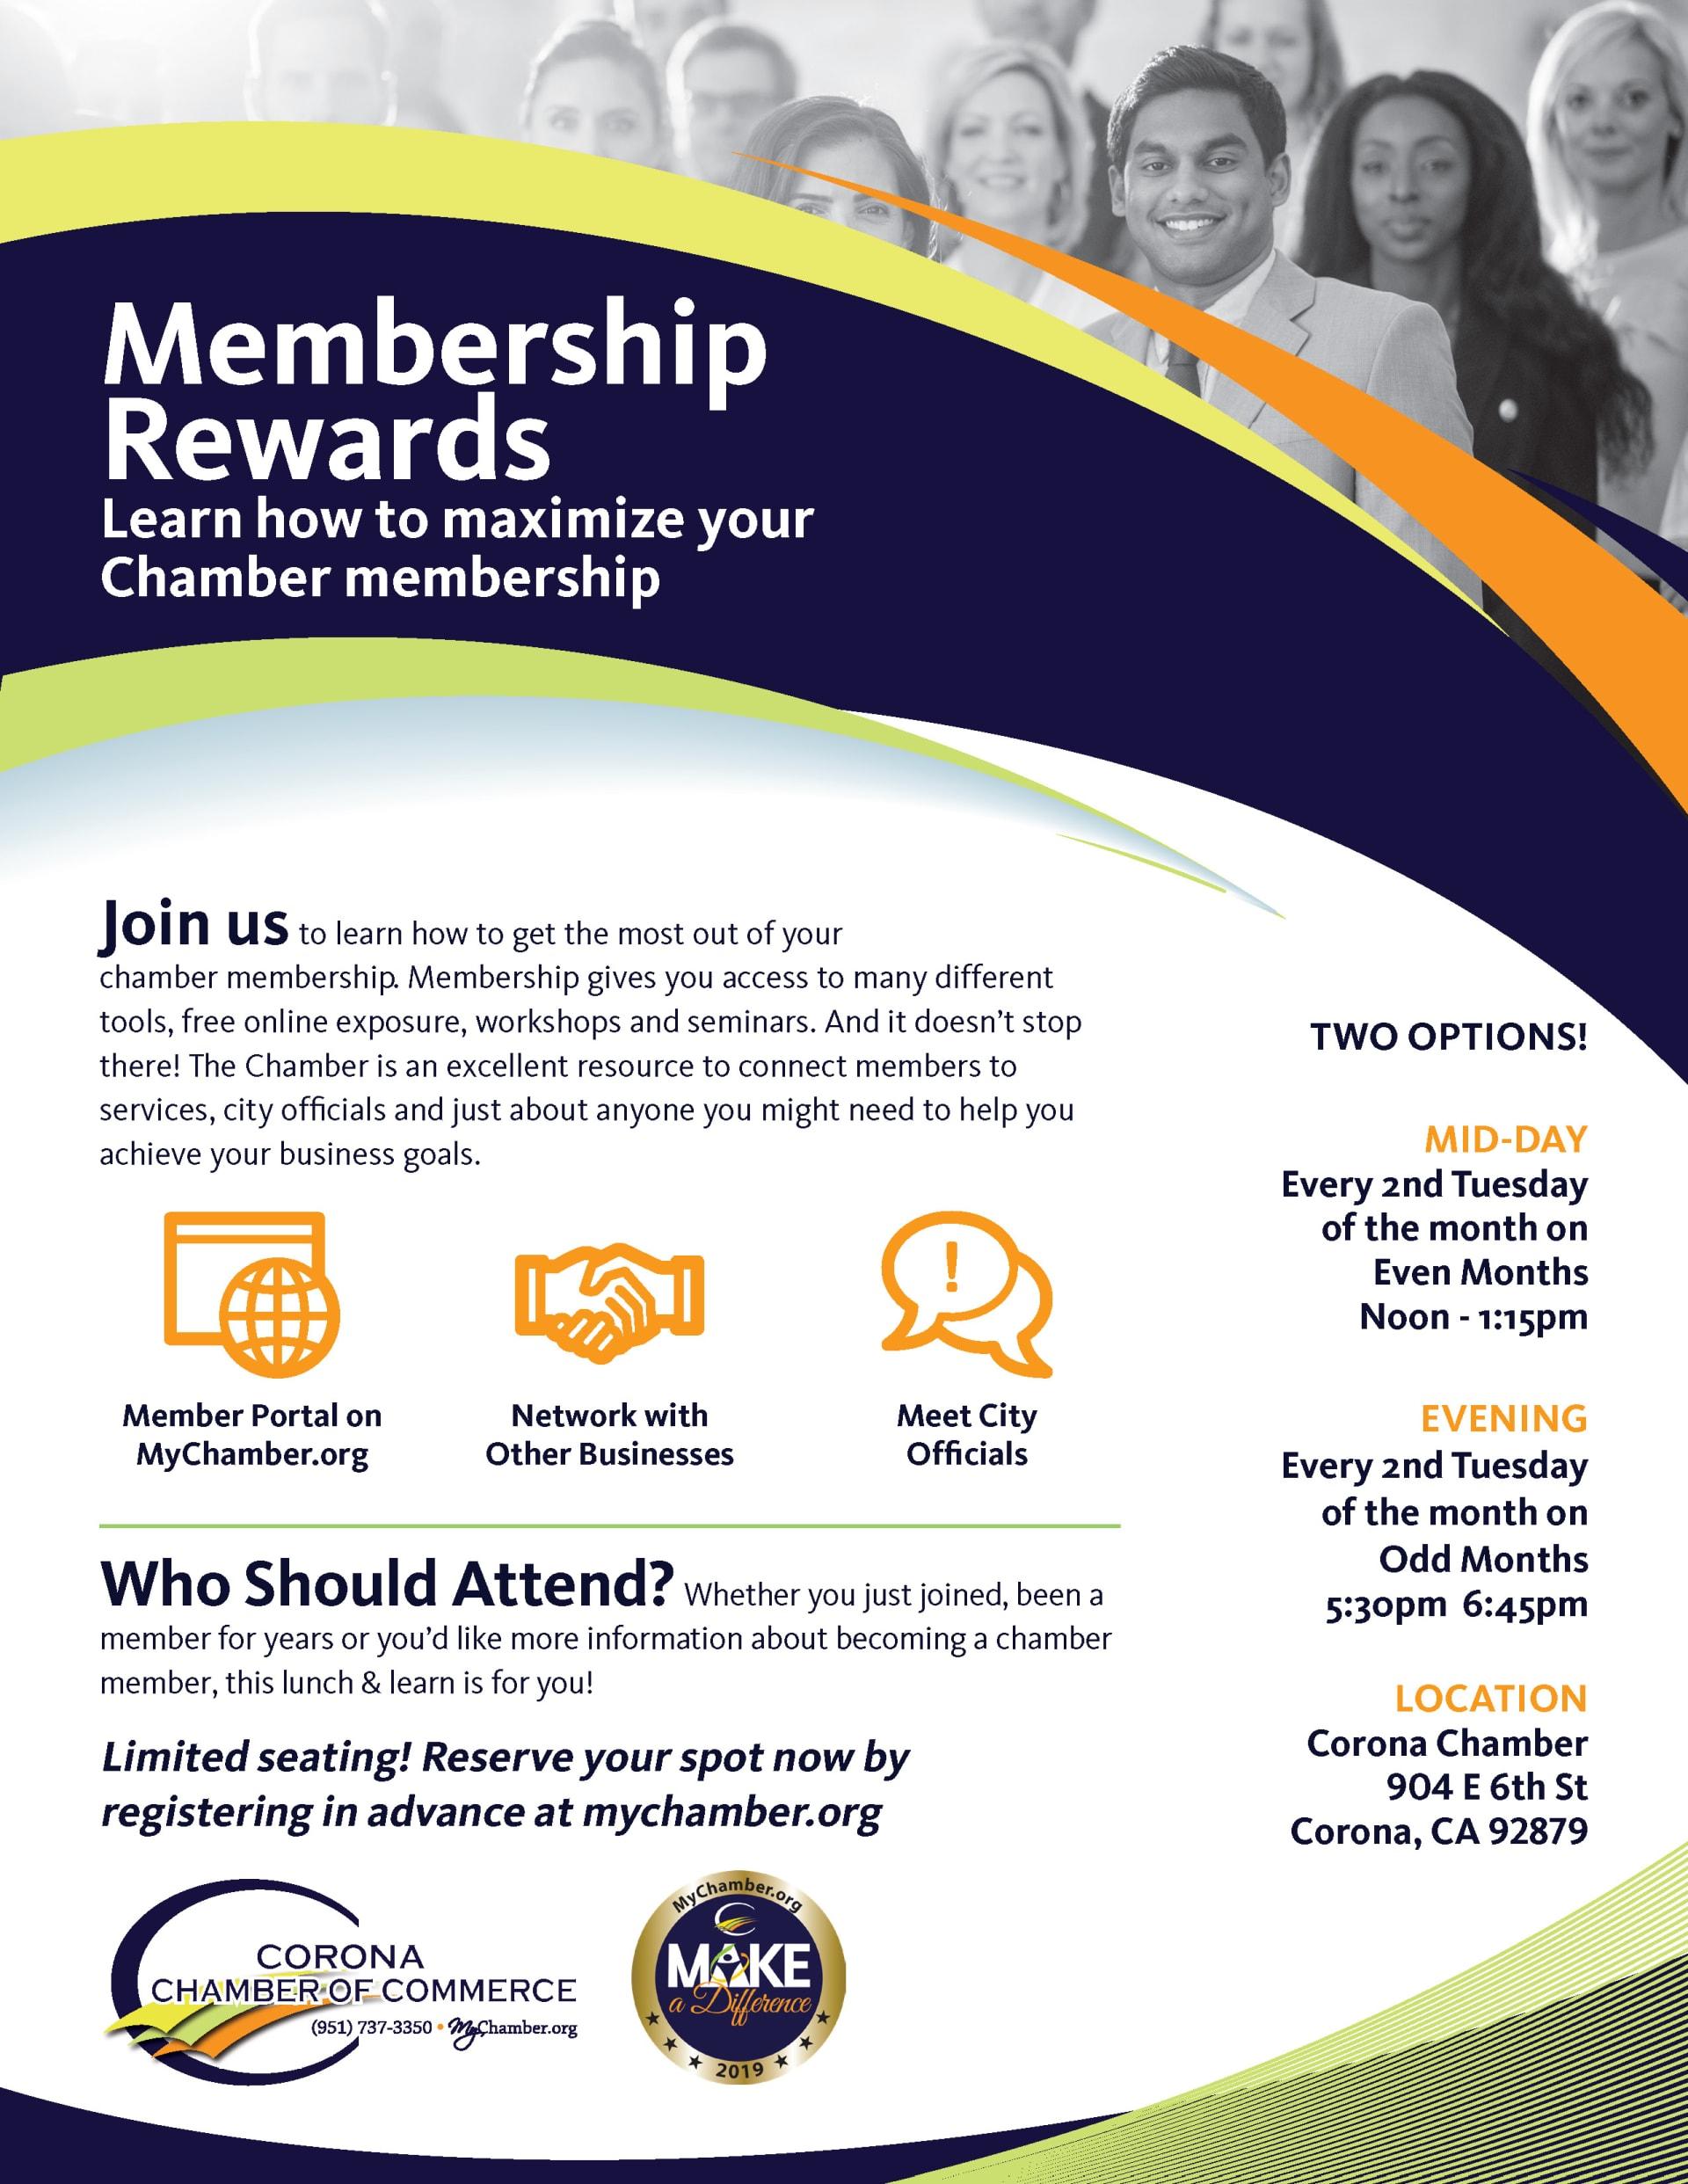 MembershipRewardsFlyer2019-w1920.jpg